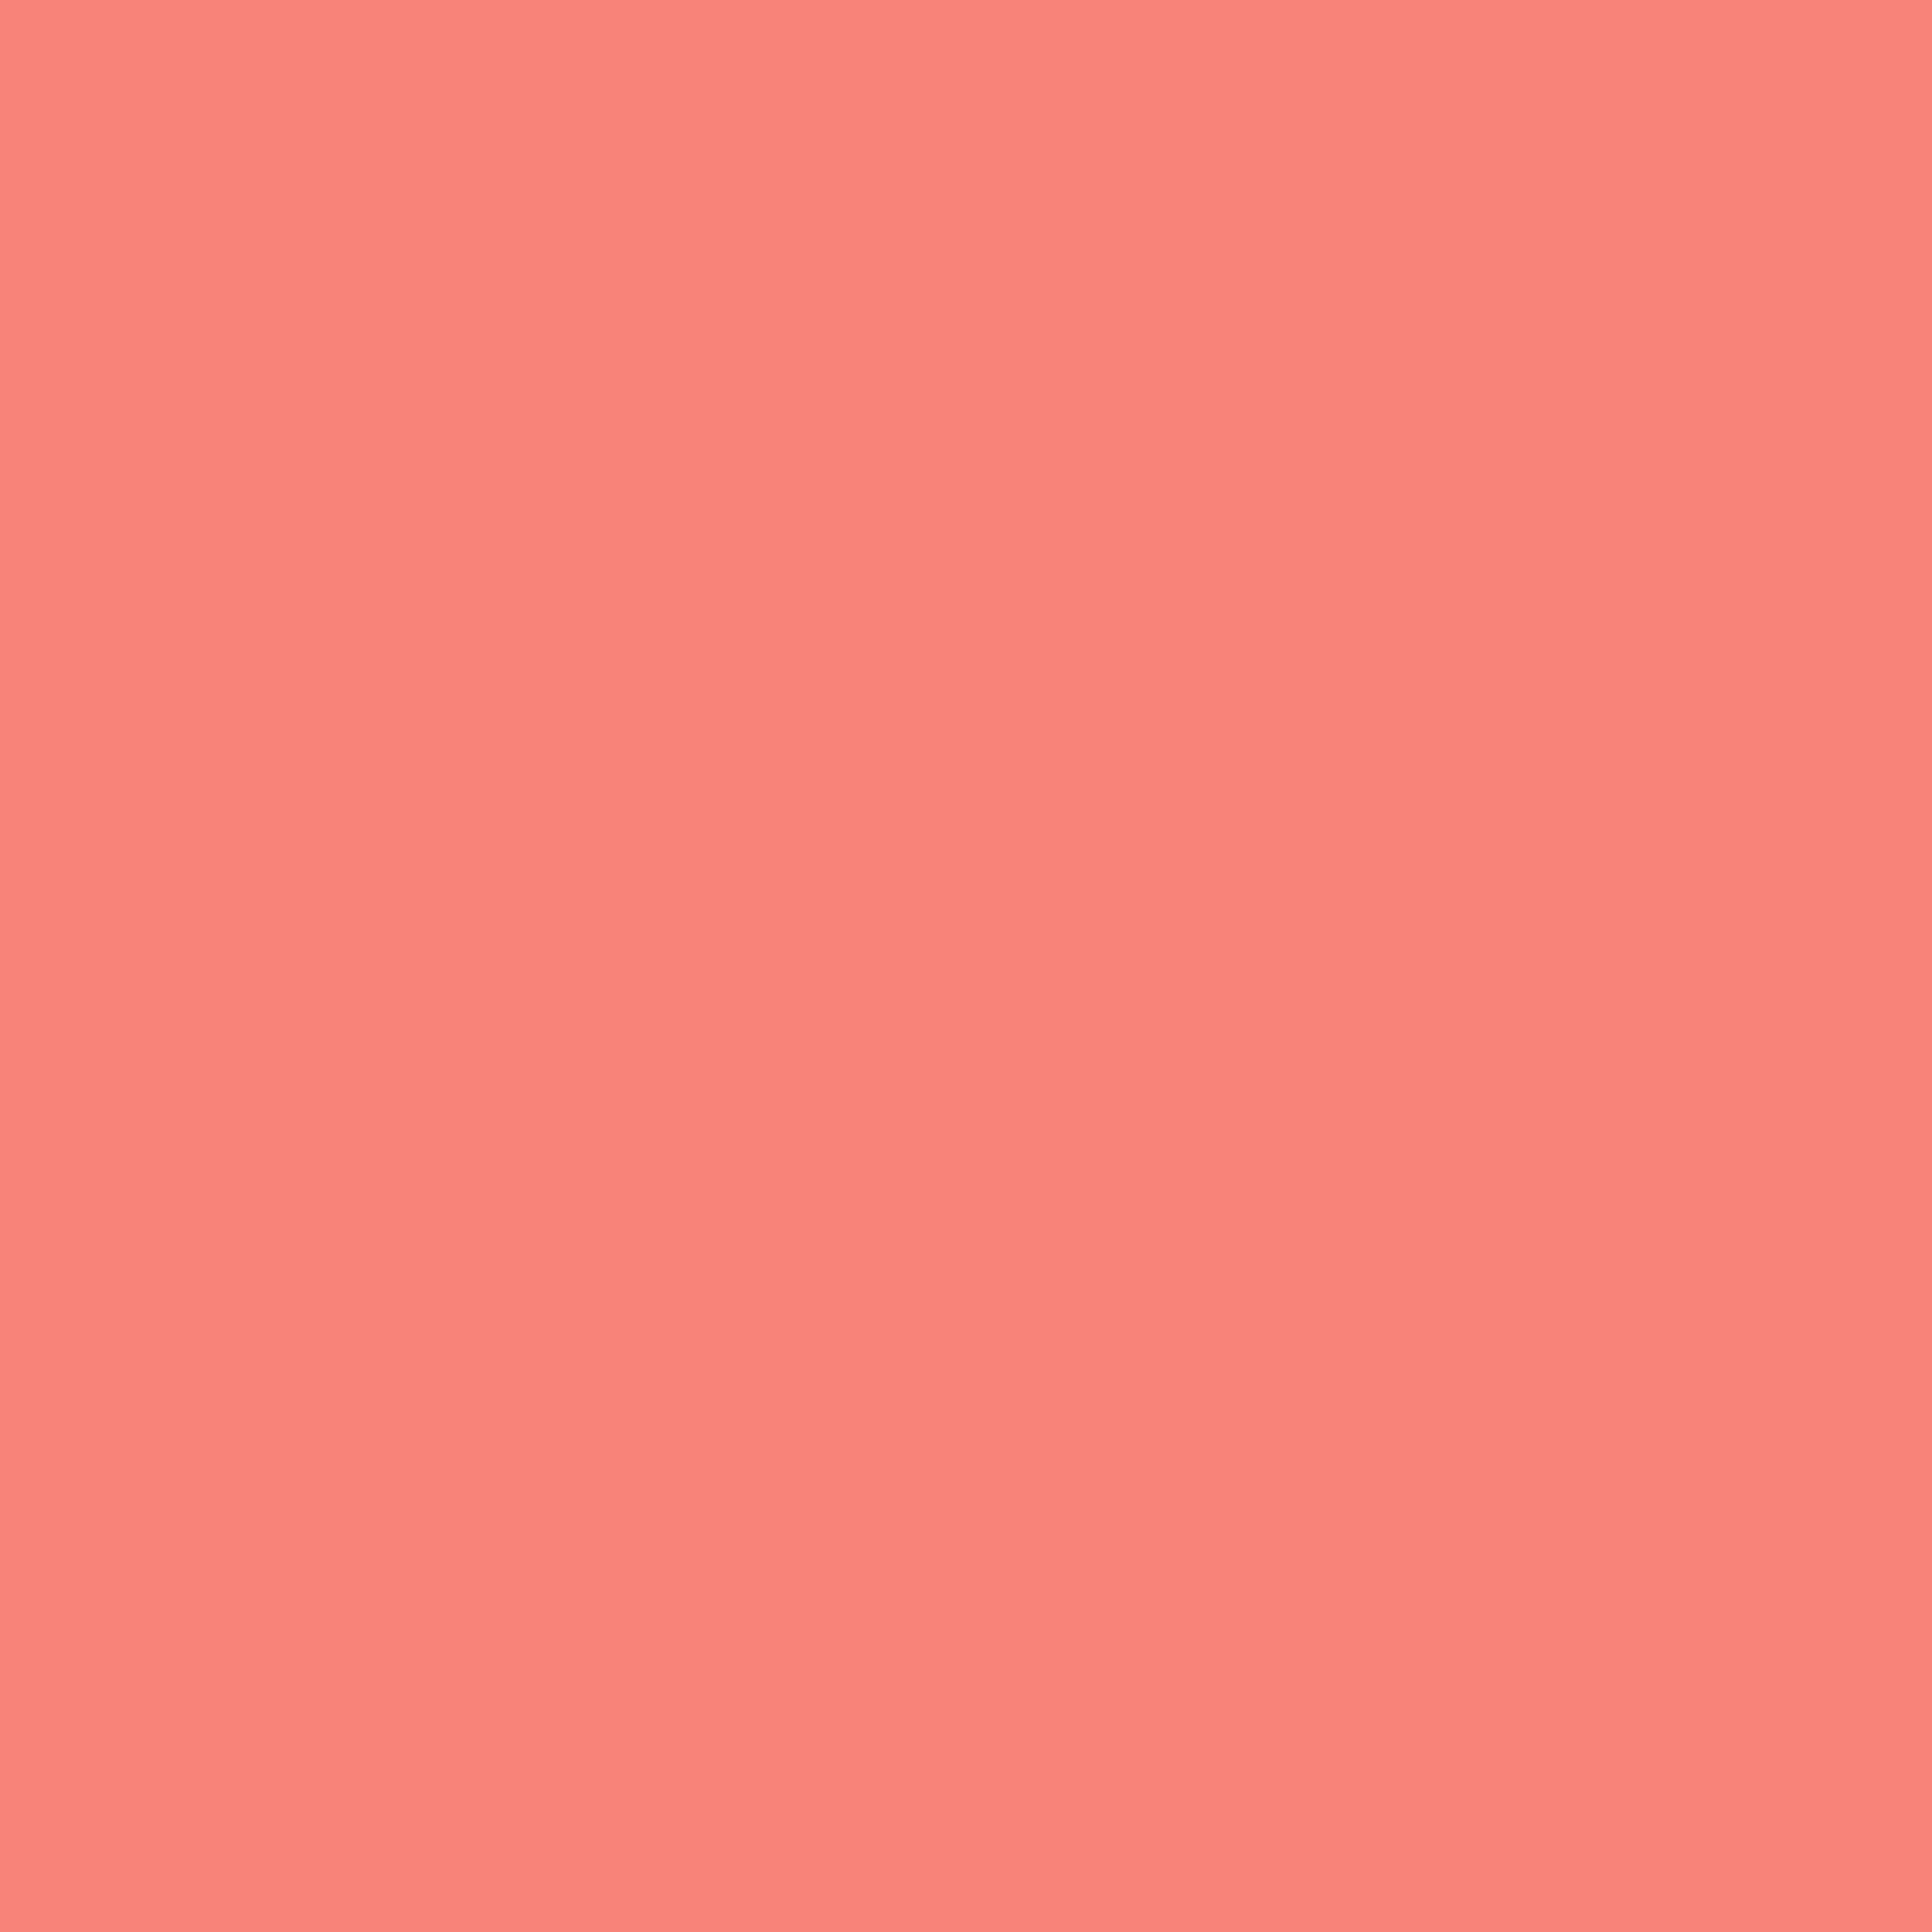 2048x2048 Tea Rose Orange Solid Color Background